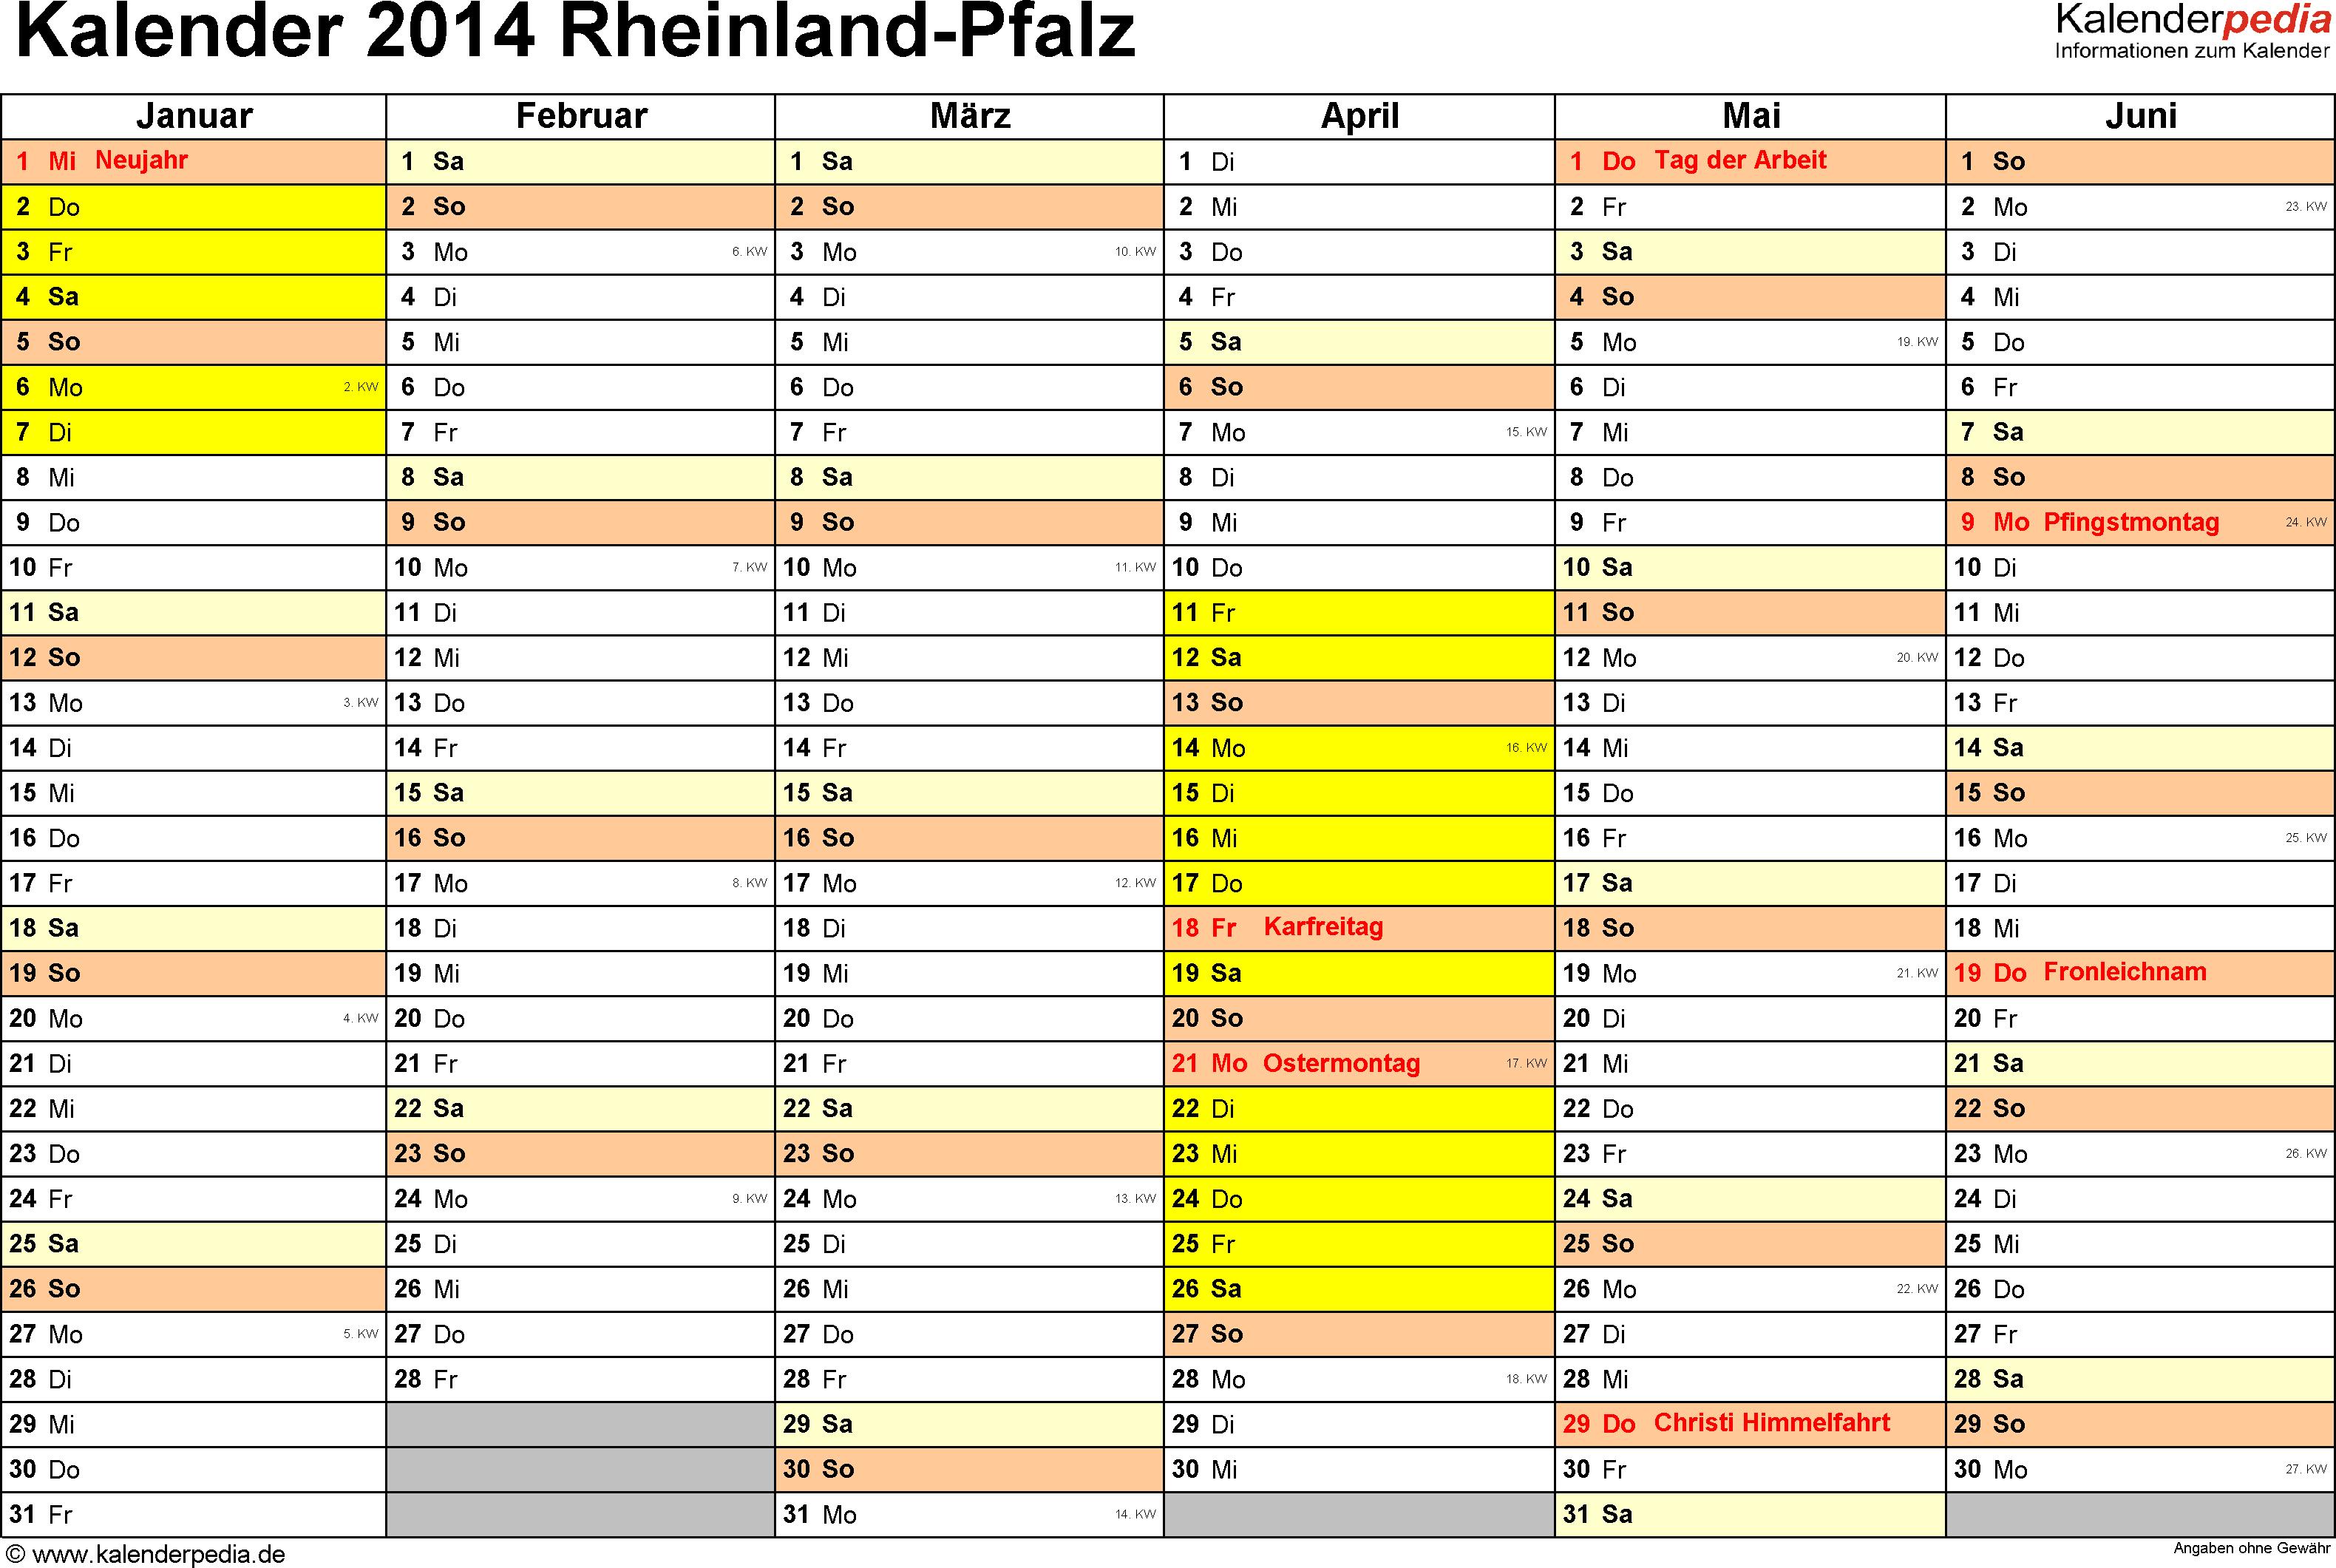 Vorlage 2: Kalender 2014 für Rheinland-Pfalz als Excel-Vorlage (Querformat, 2 Seiten)